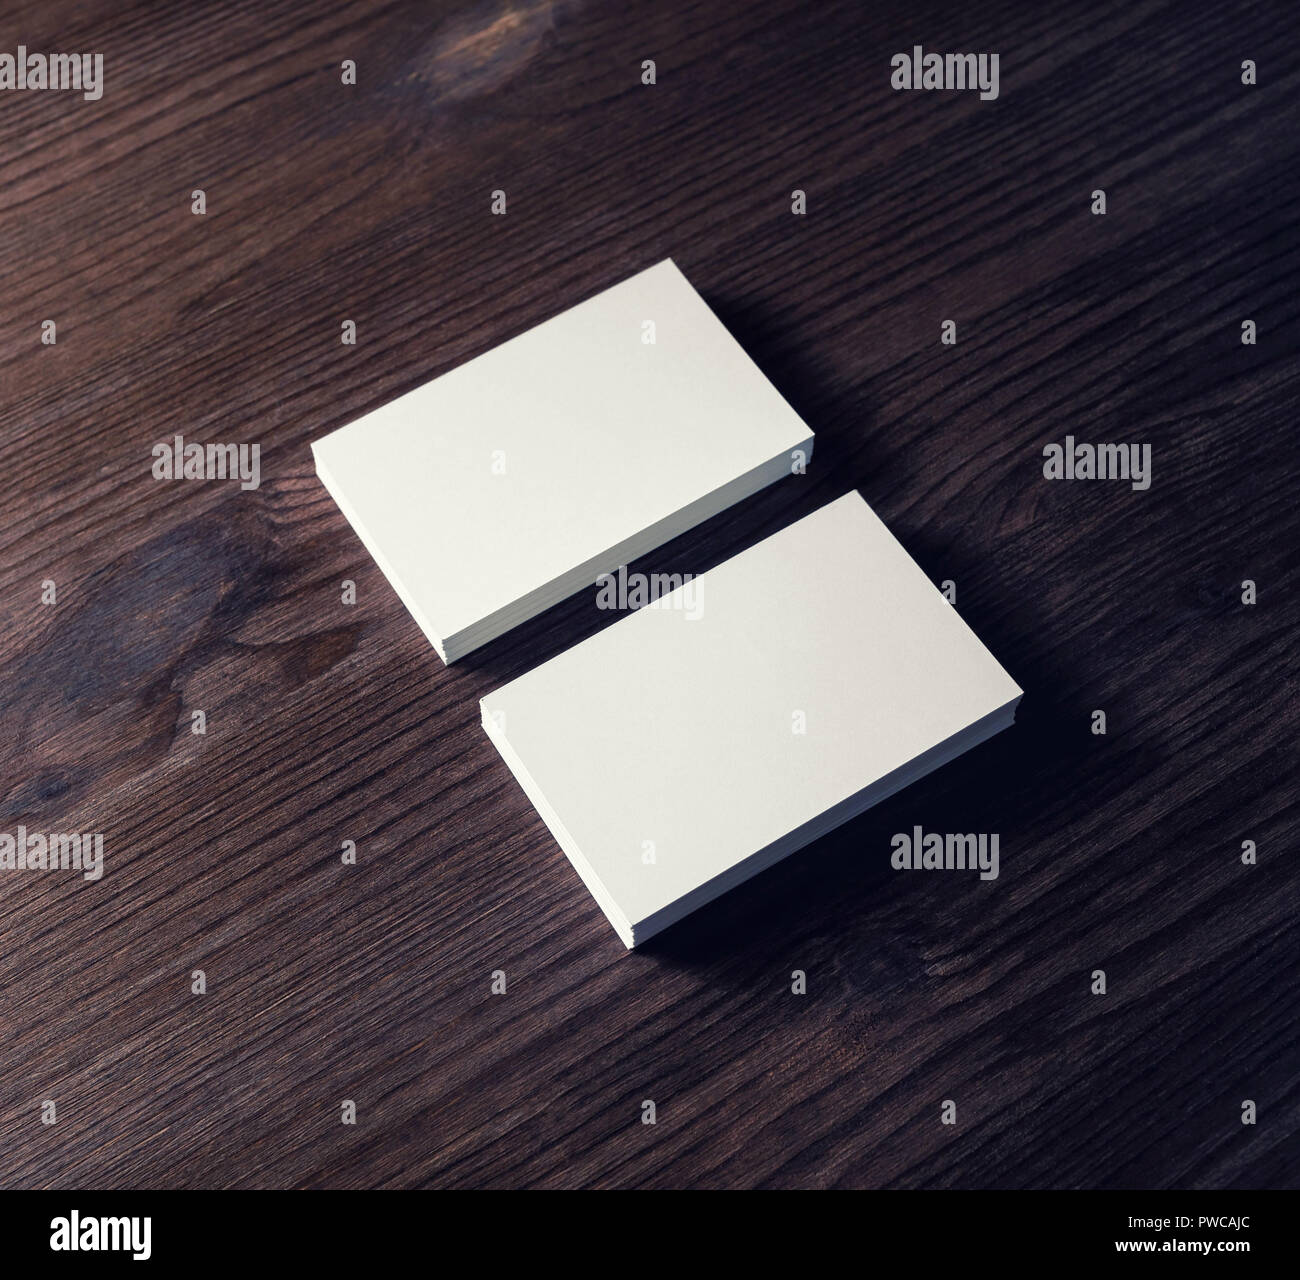 Zwei Leere Visitenkarten Auf Holz Hintergrund Für Design